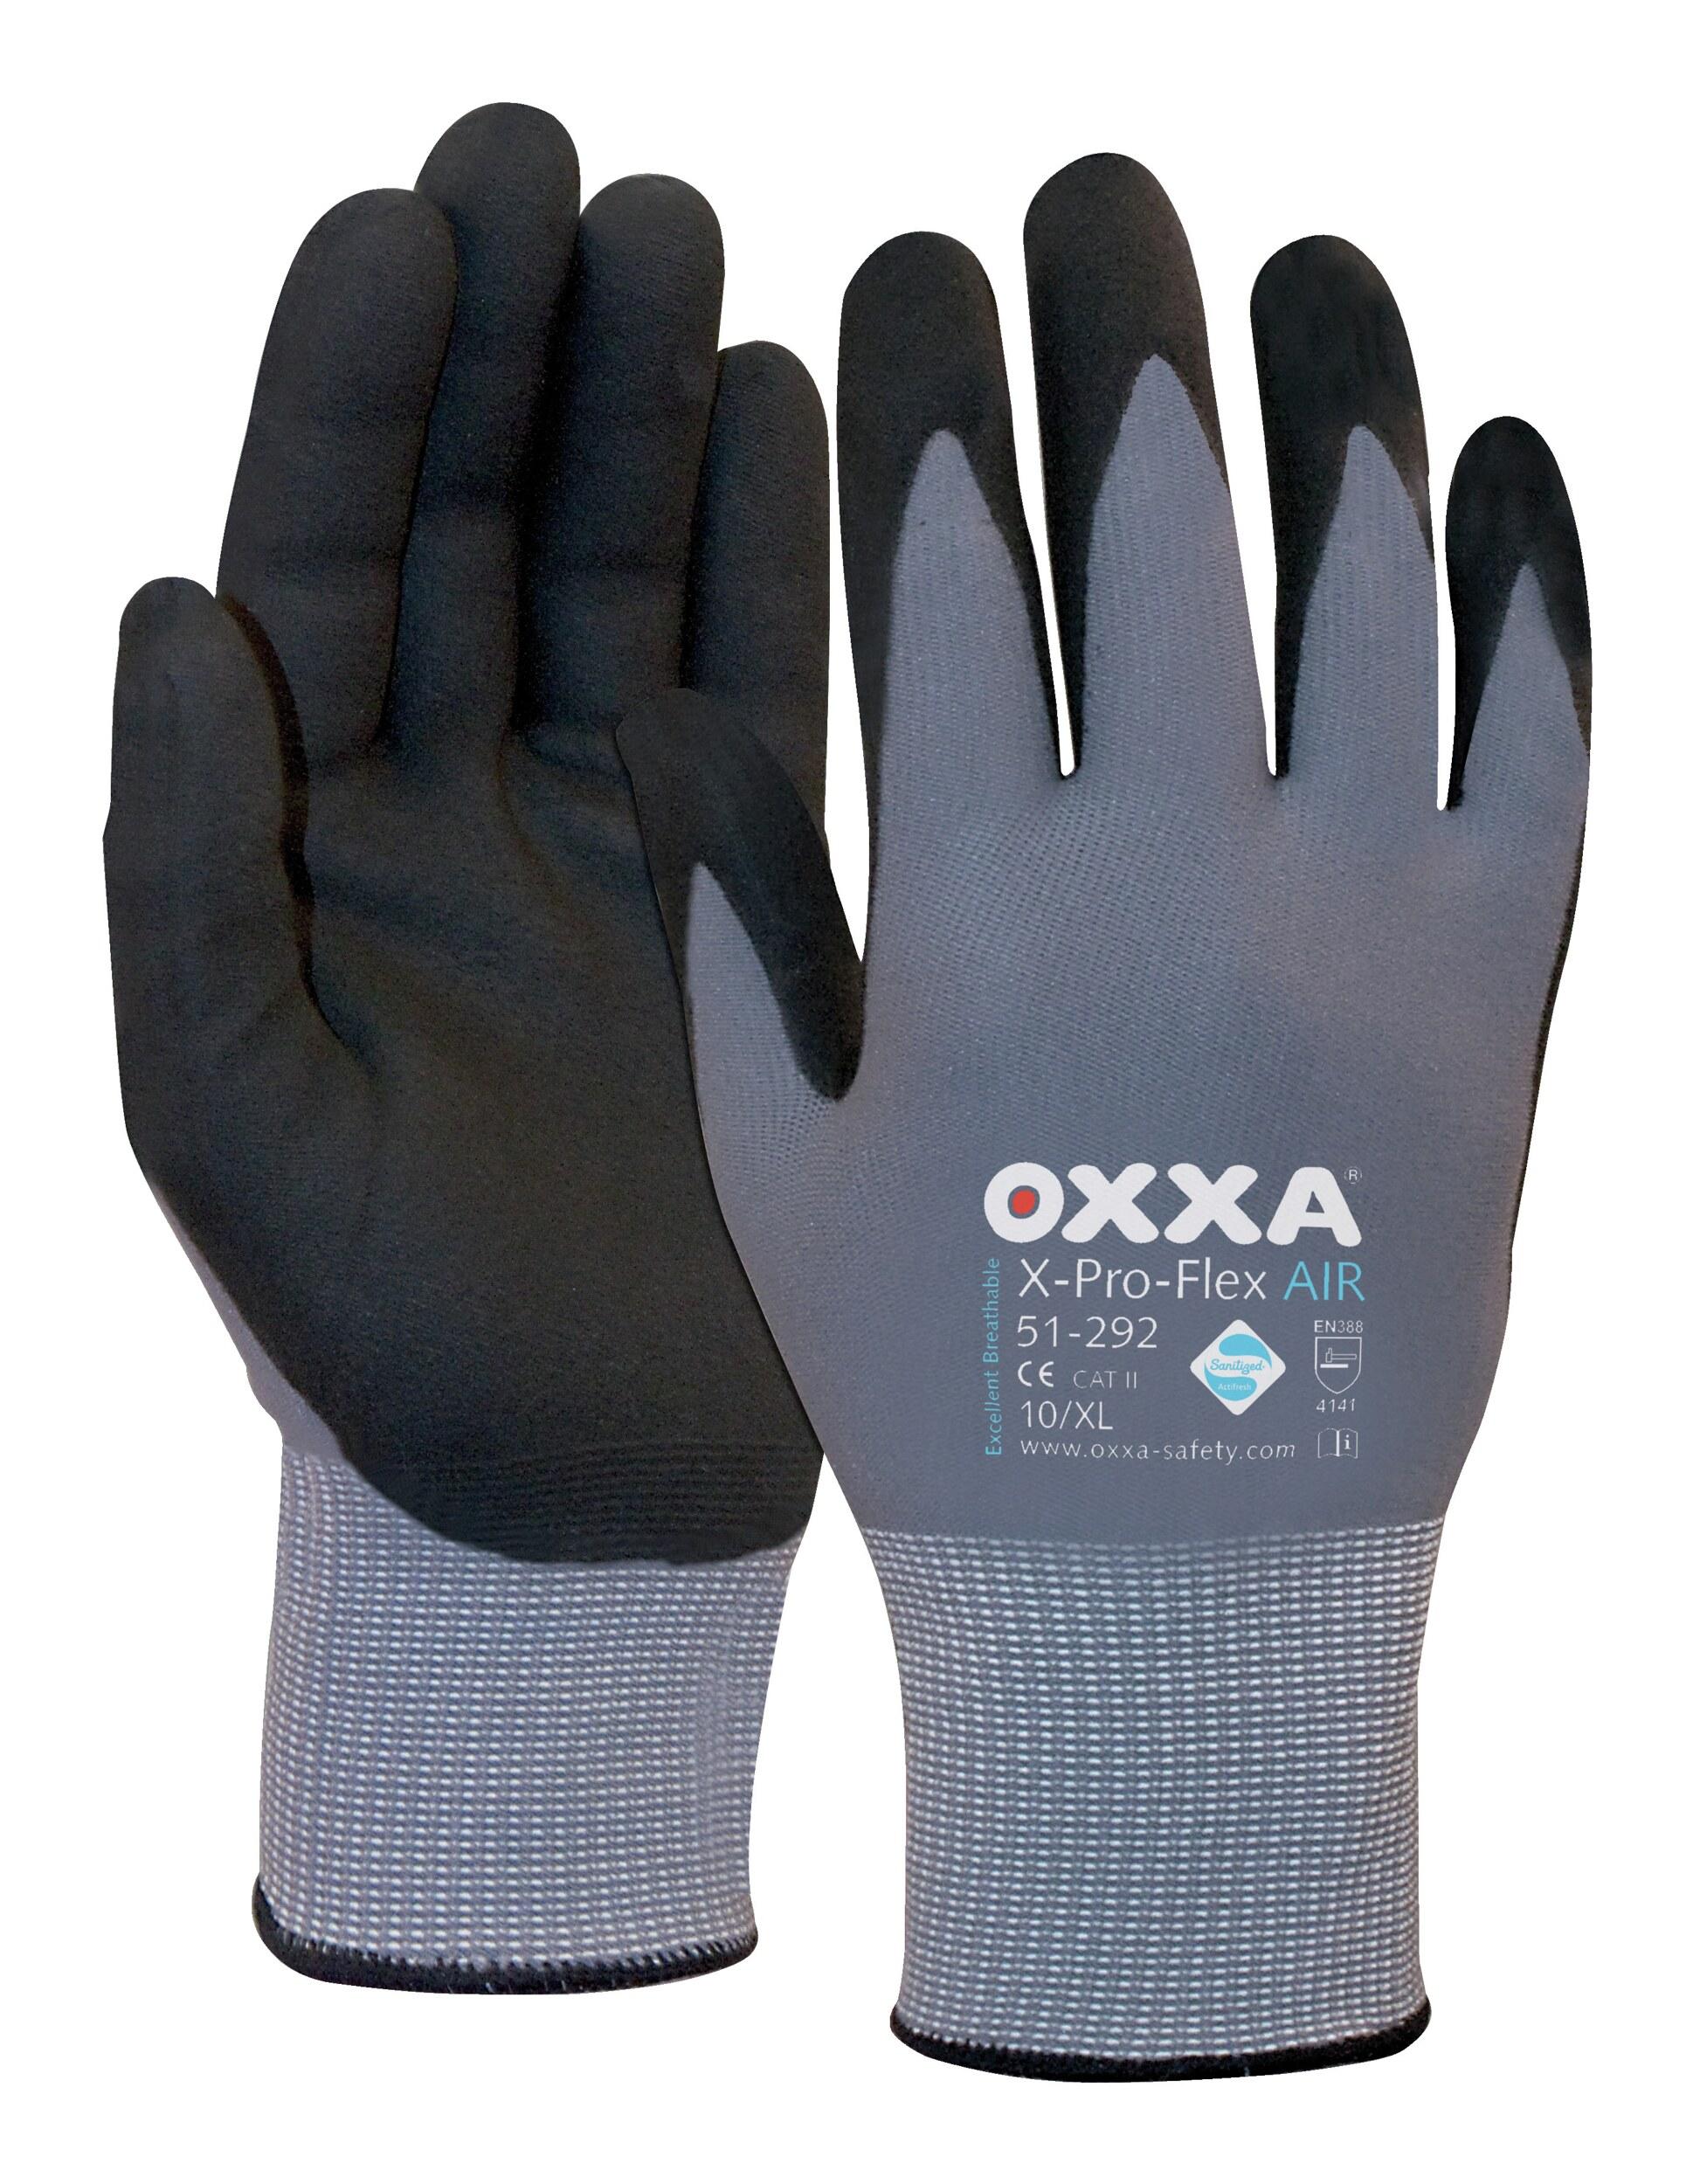 b07e888bd8a02d Oxxa Handschuh X-Pro-Flex AIR, Größe 8 - 1.51.292.08 (VPE: 12 Paar)